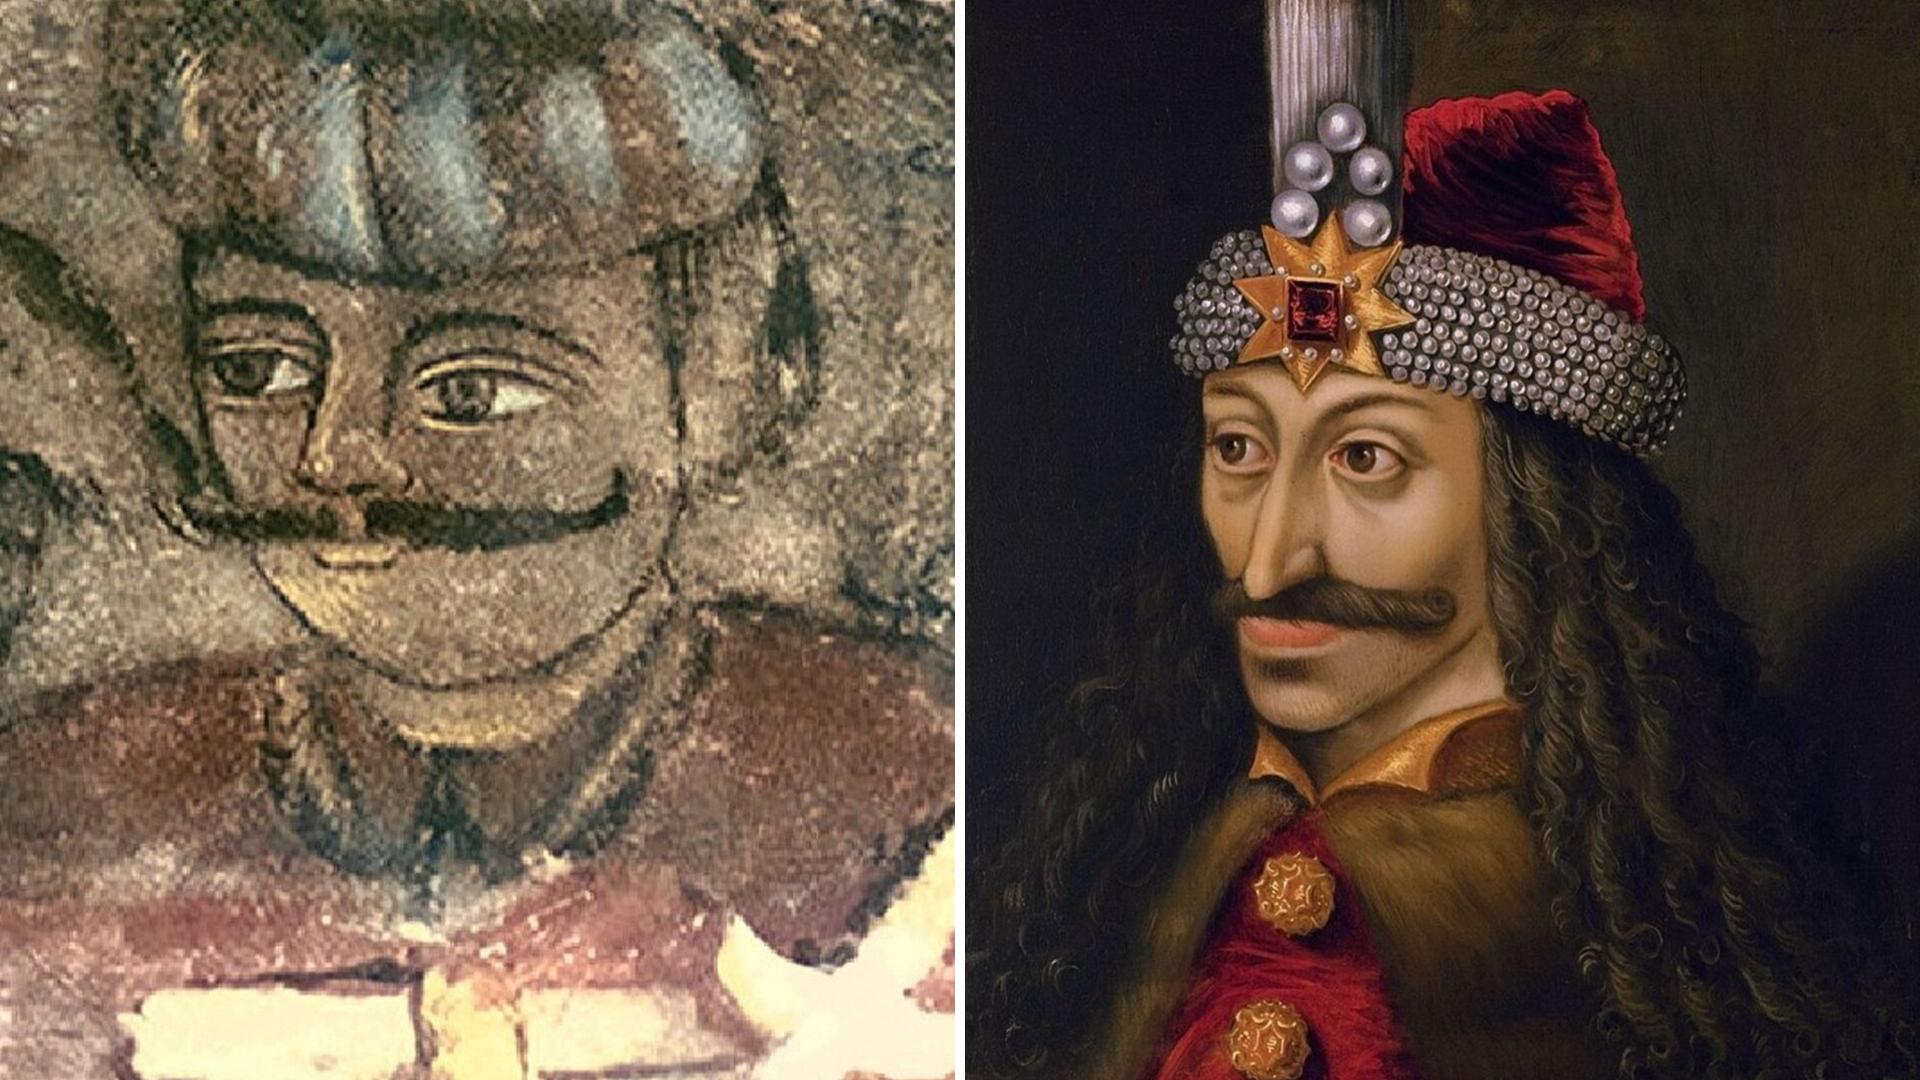 Vlad II Vlad III Dracula montage